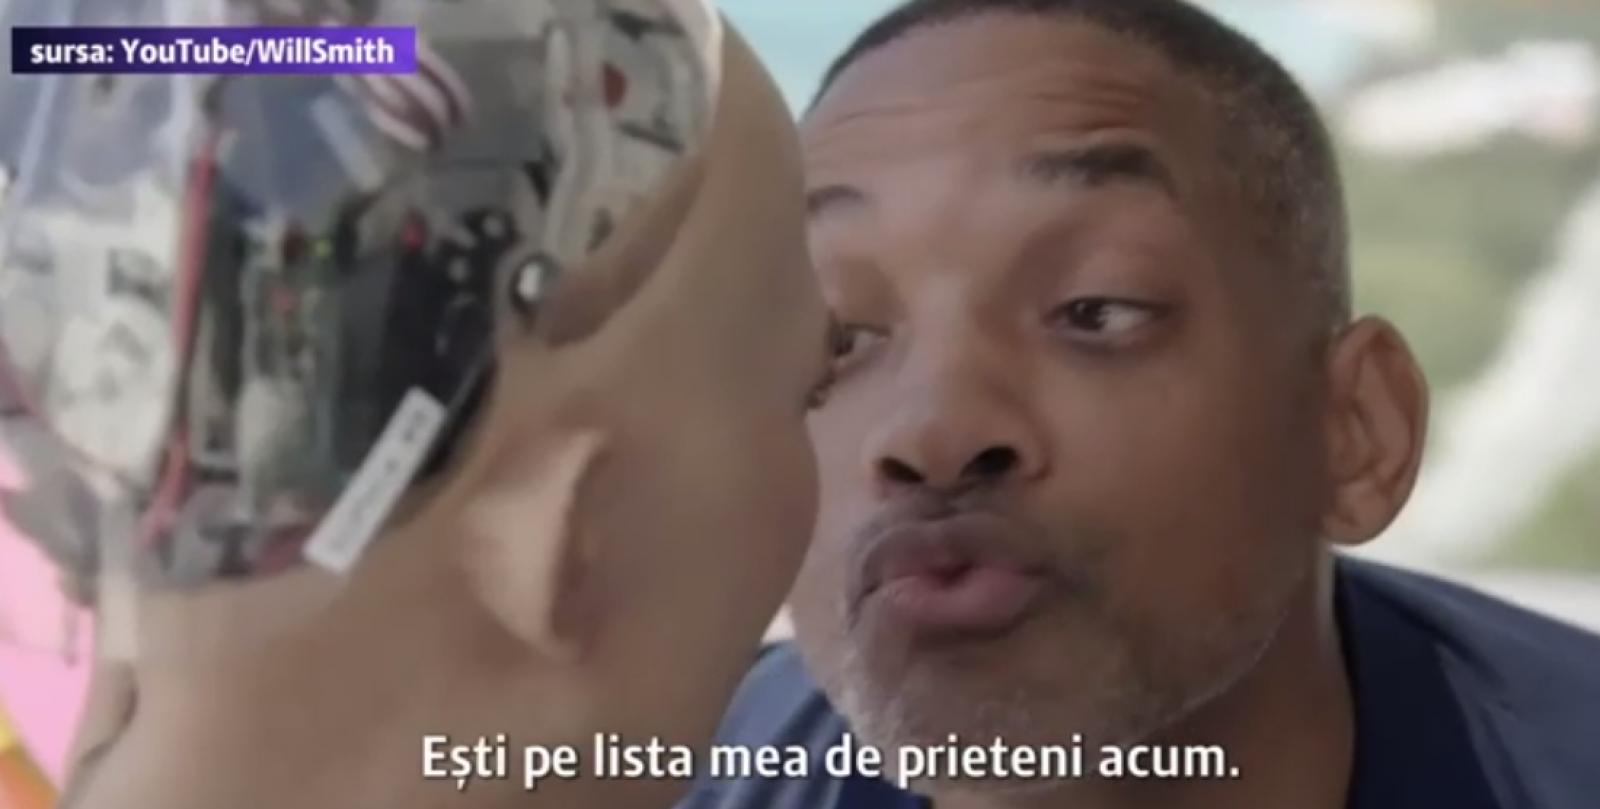 (video) Reacția robotului Sophia la încercarea lui Will Smith de a o săruta